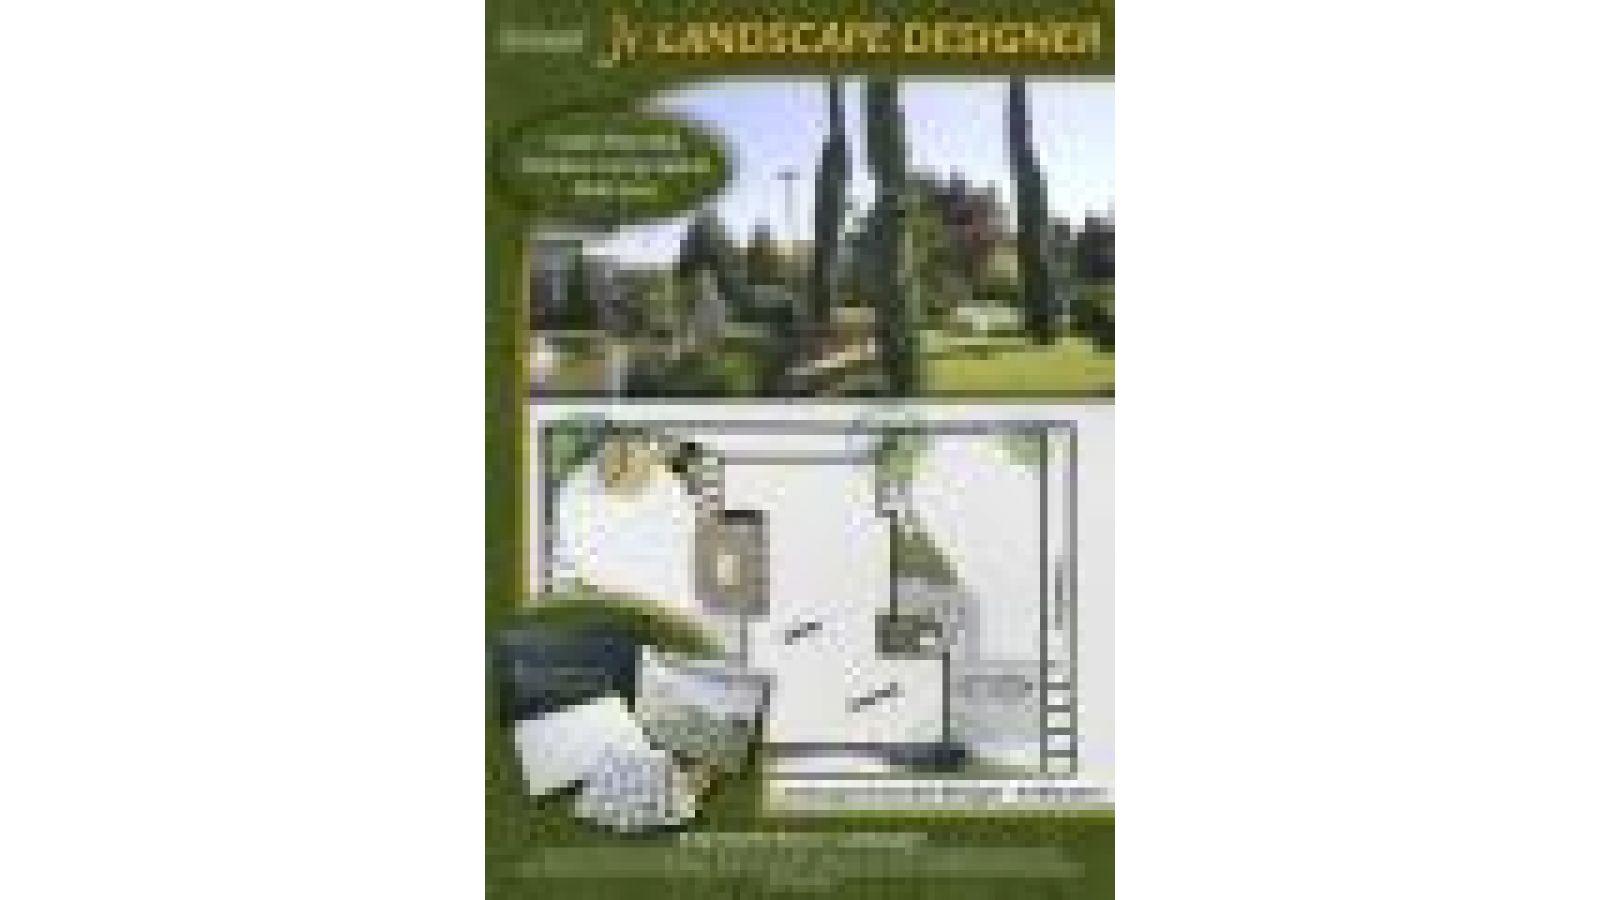 Jr. Landscape Designer